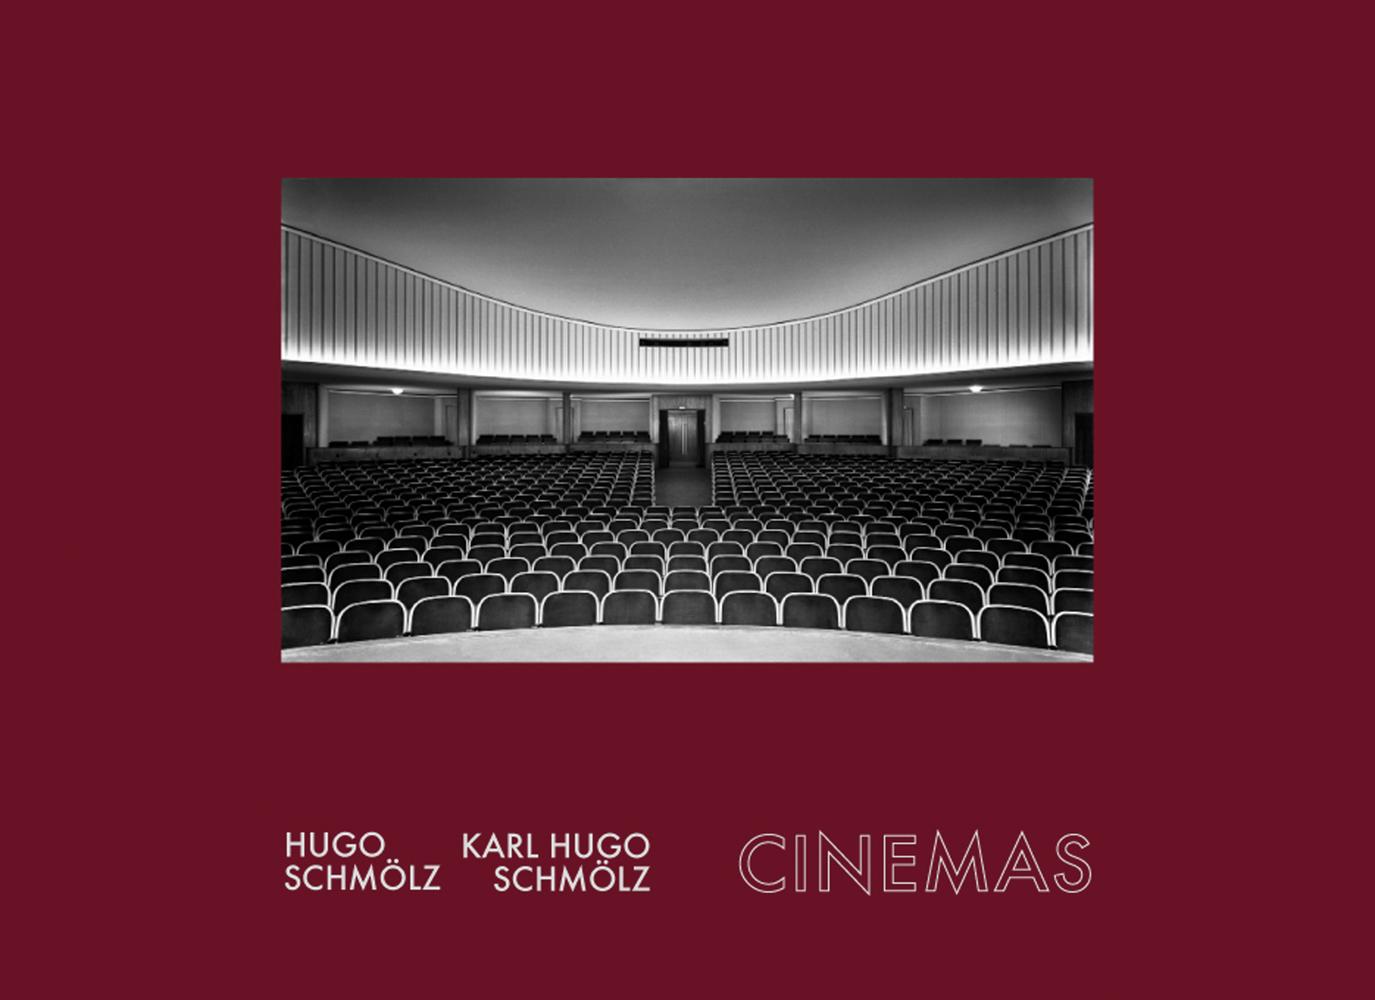 Hugo Schmölz / Karl Hugo Schmölz